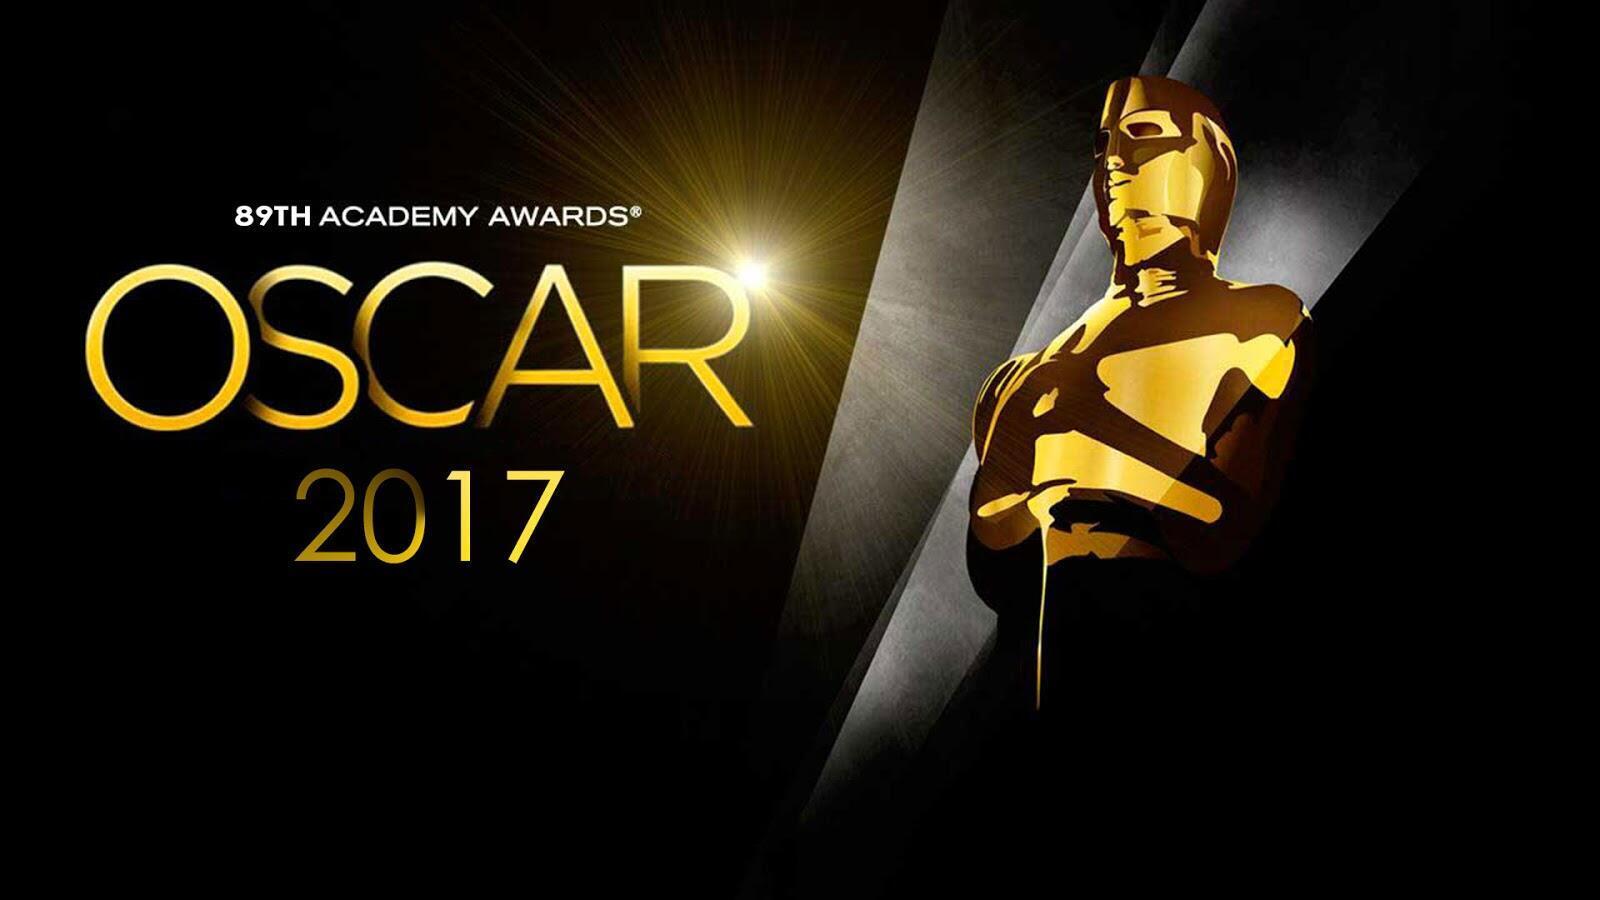 Lễ trao giải Oscar lần thứ 89 diễn ra tối 26/02/2017 tại nhà hát Dolby, Los Angeles.